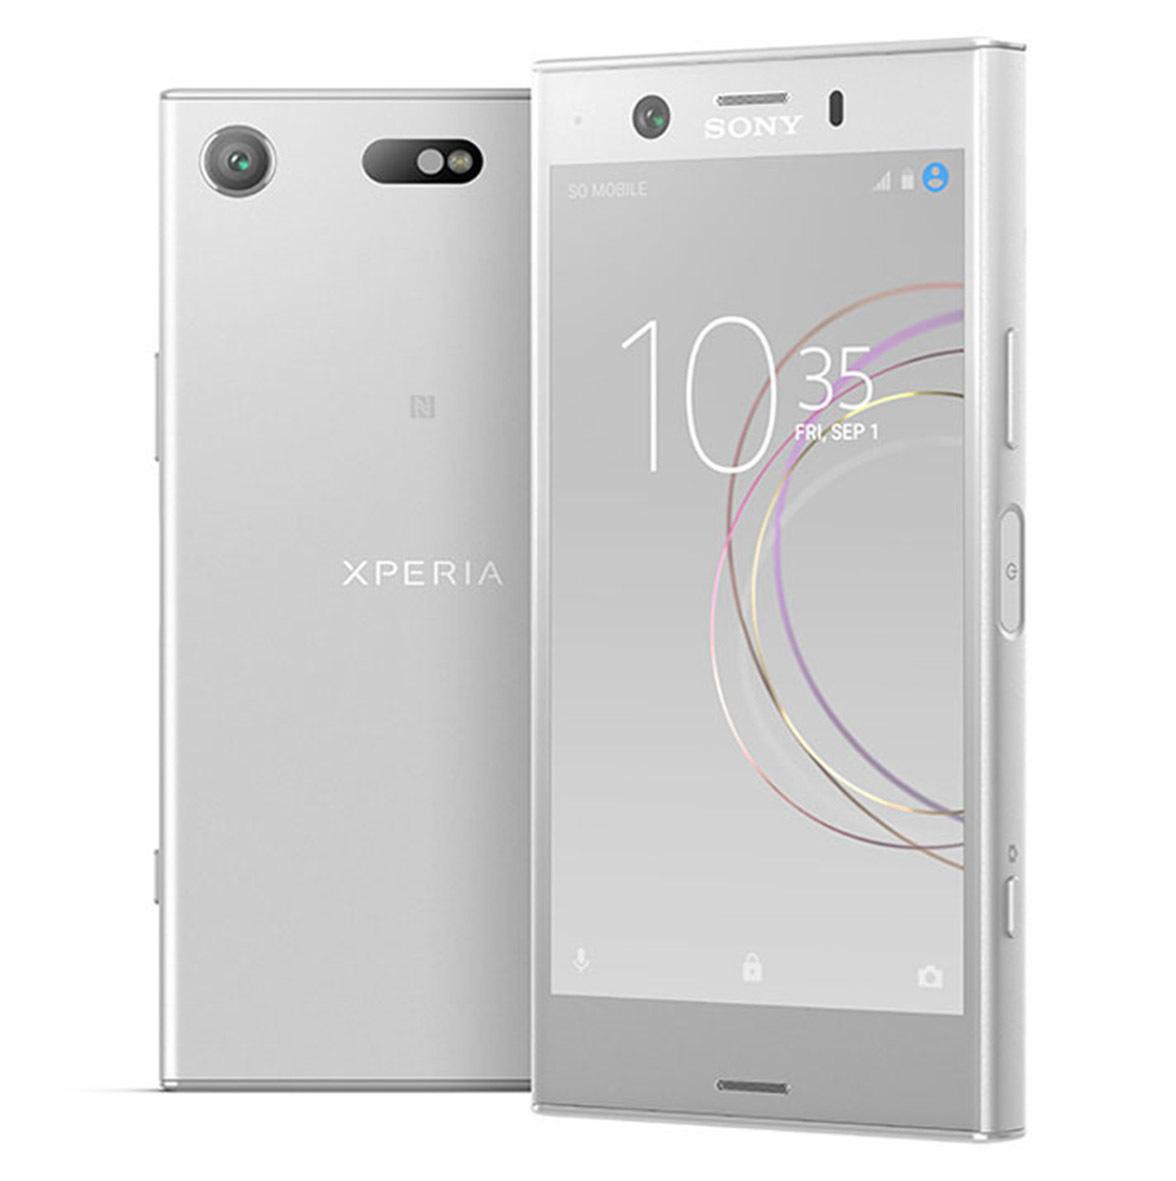 Смартфон Sony Xperia XZ1 Compact, цвет белое серебро